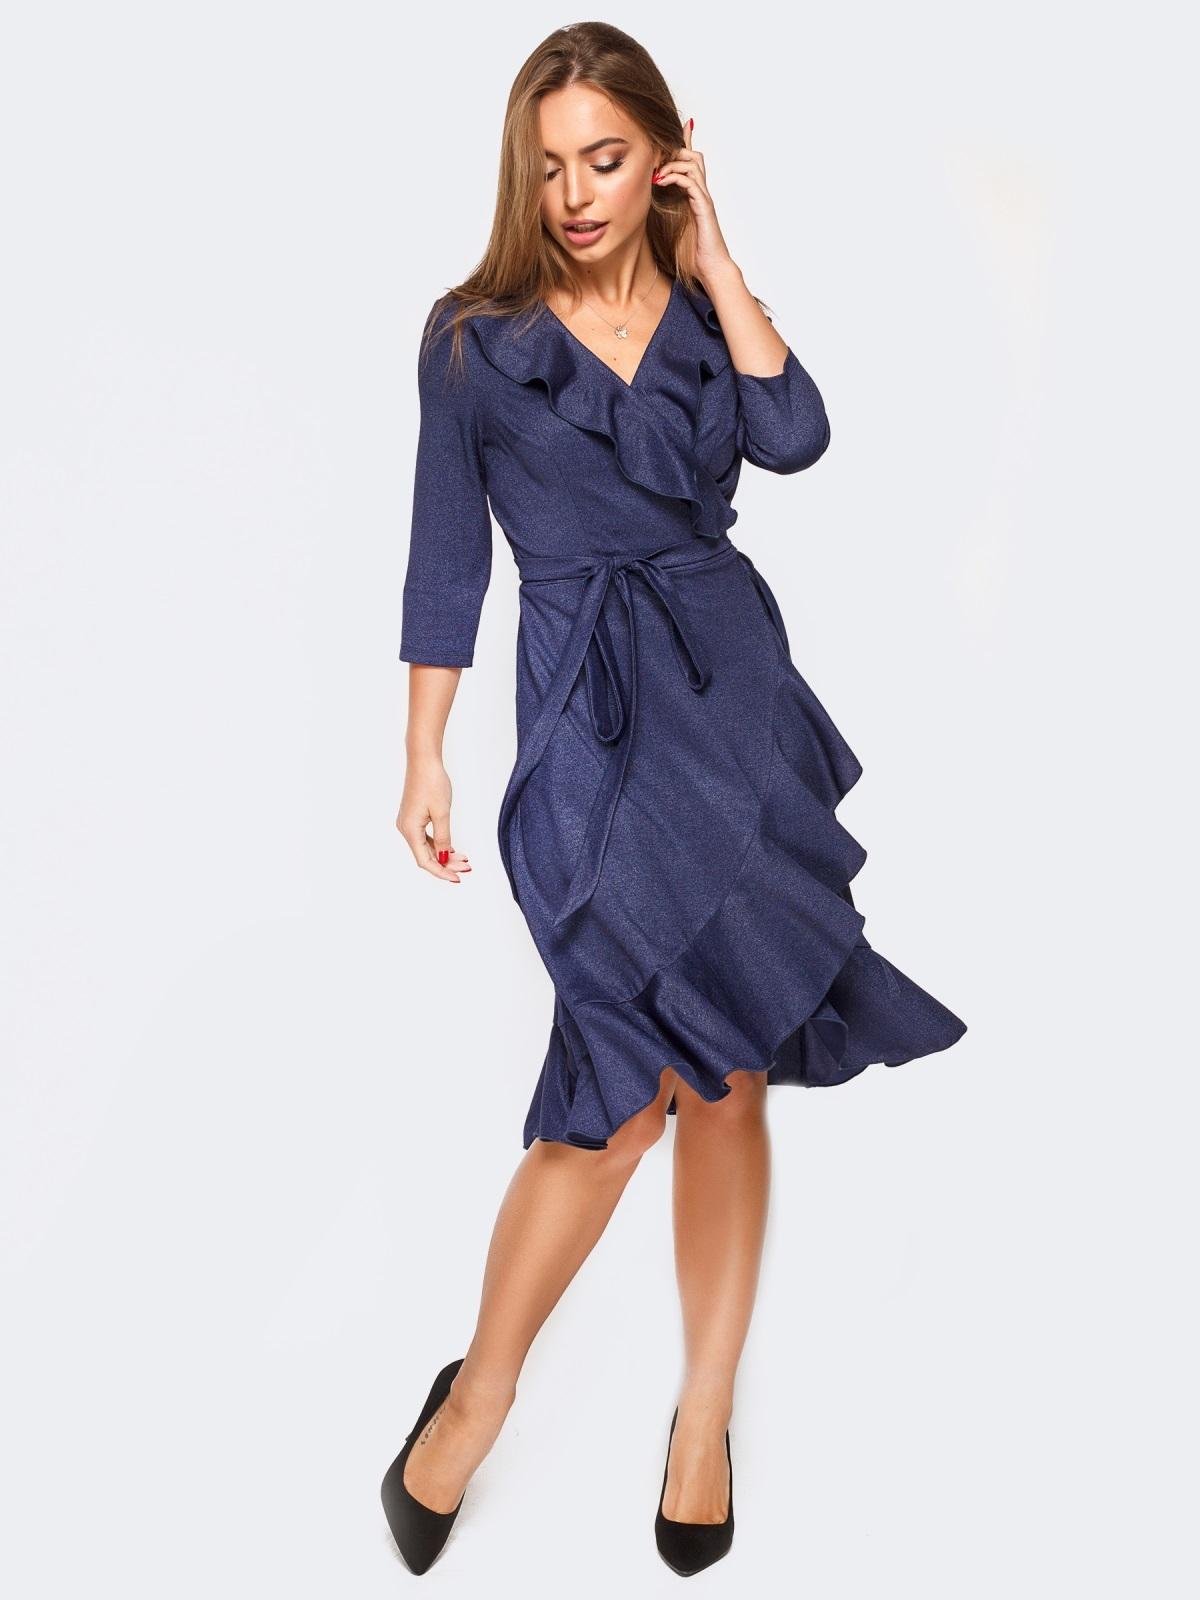 5911cc724bc Тёмно-синее платье с запахом и рюшами по нему 17450 – купить в Киеве ...